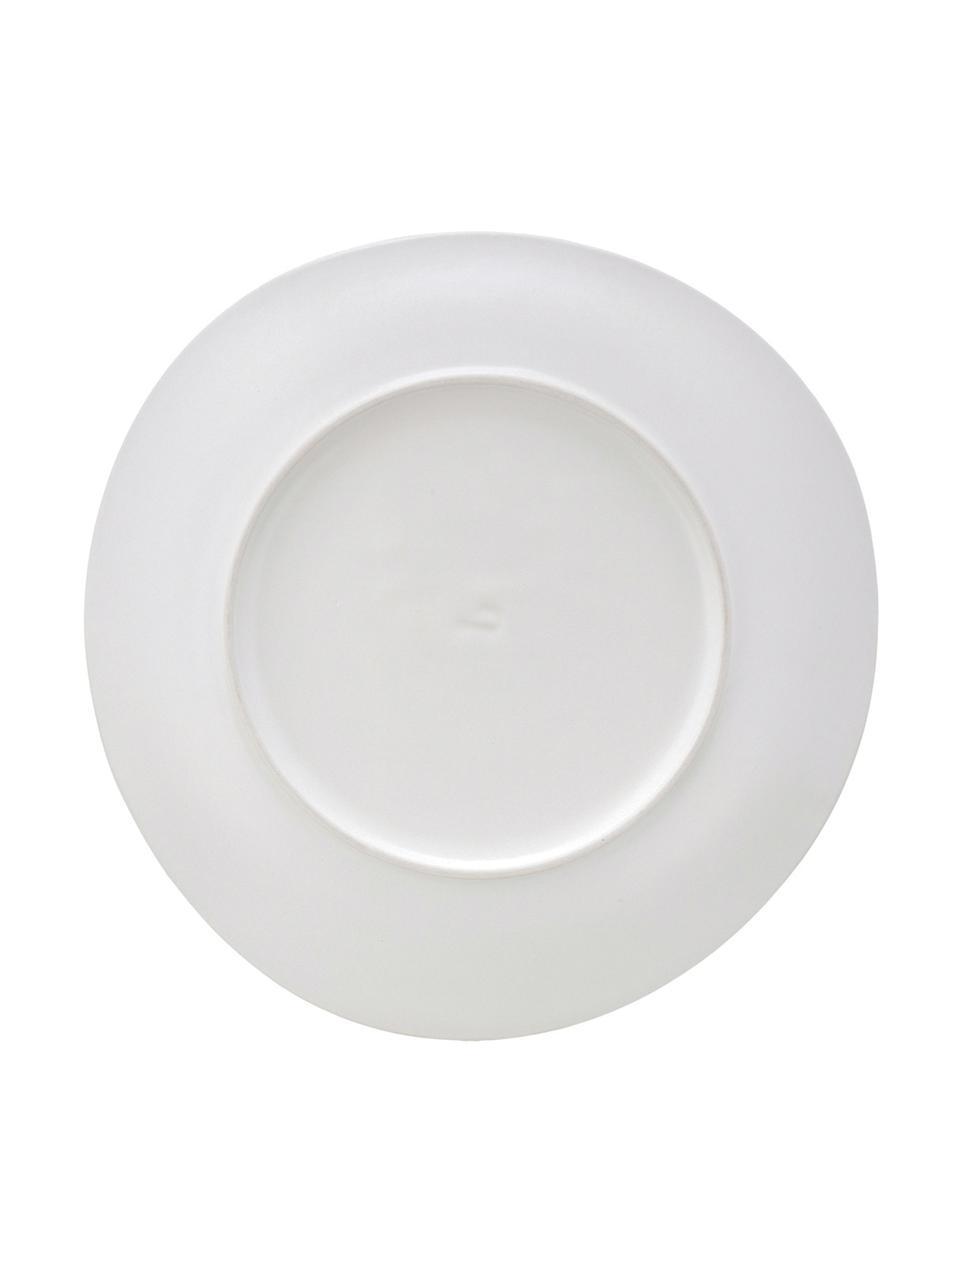 Ręcznie wykonany talerz duży Sandvig, 4 szt., Porcelana farbowana, Złamana biel, Ø 27 cm